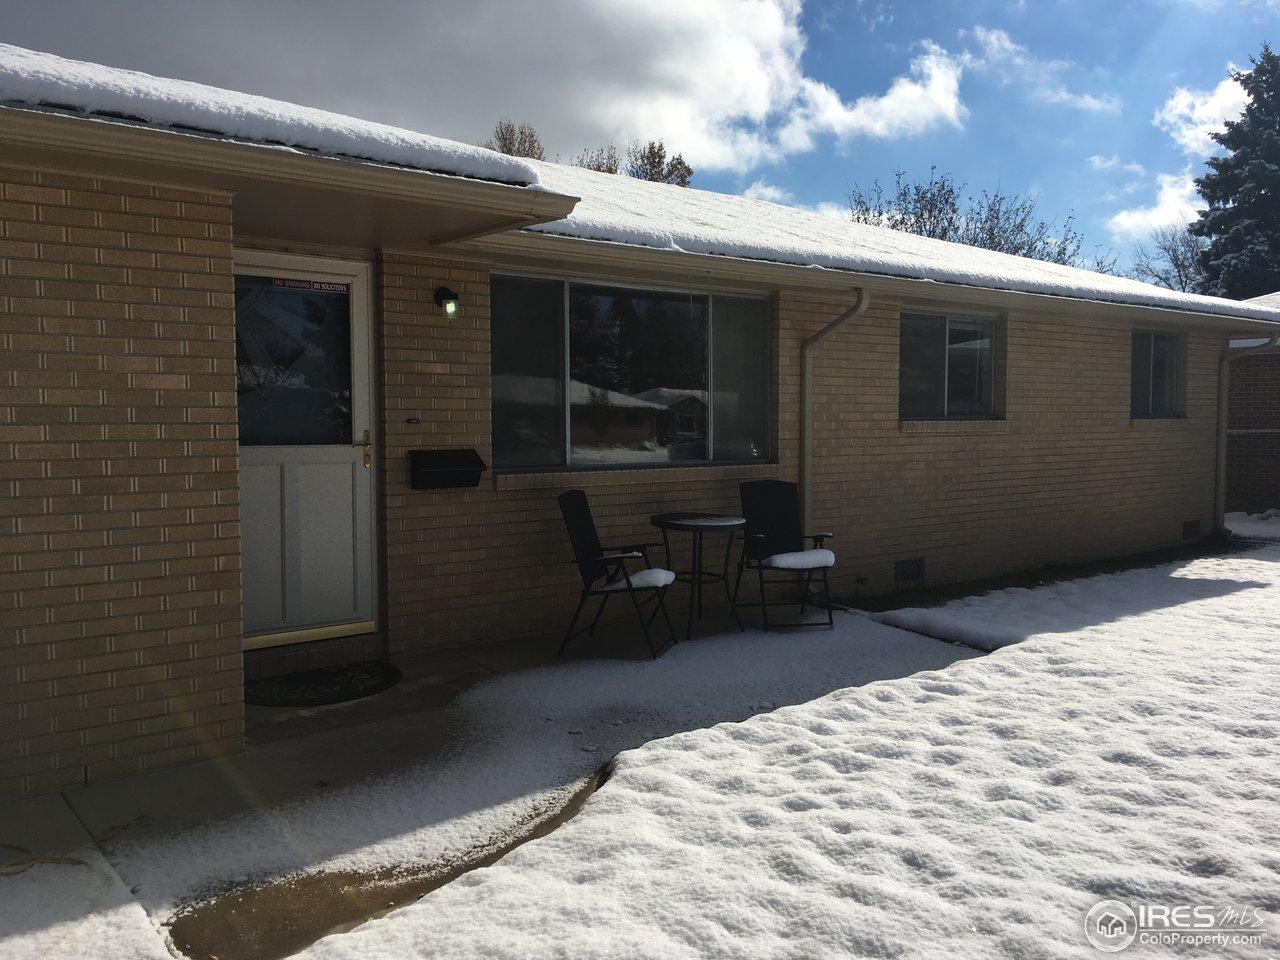 1138 Vivian St, Longmont CO 80501